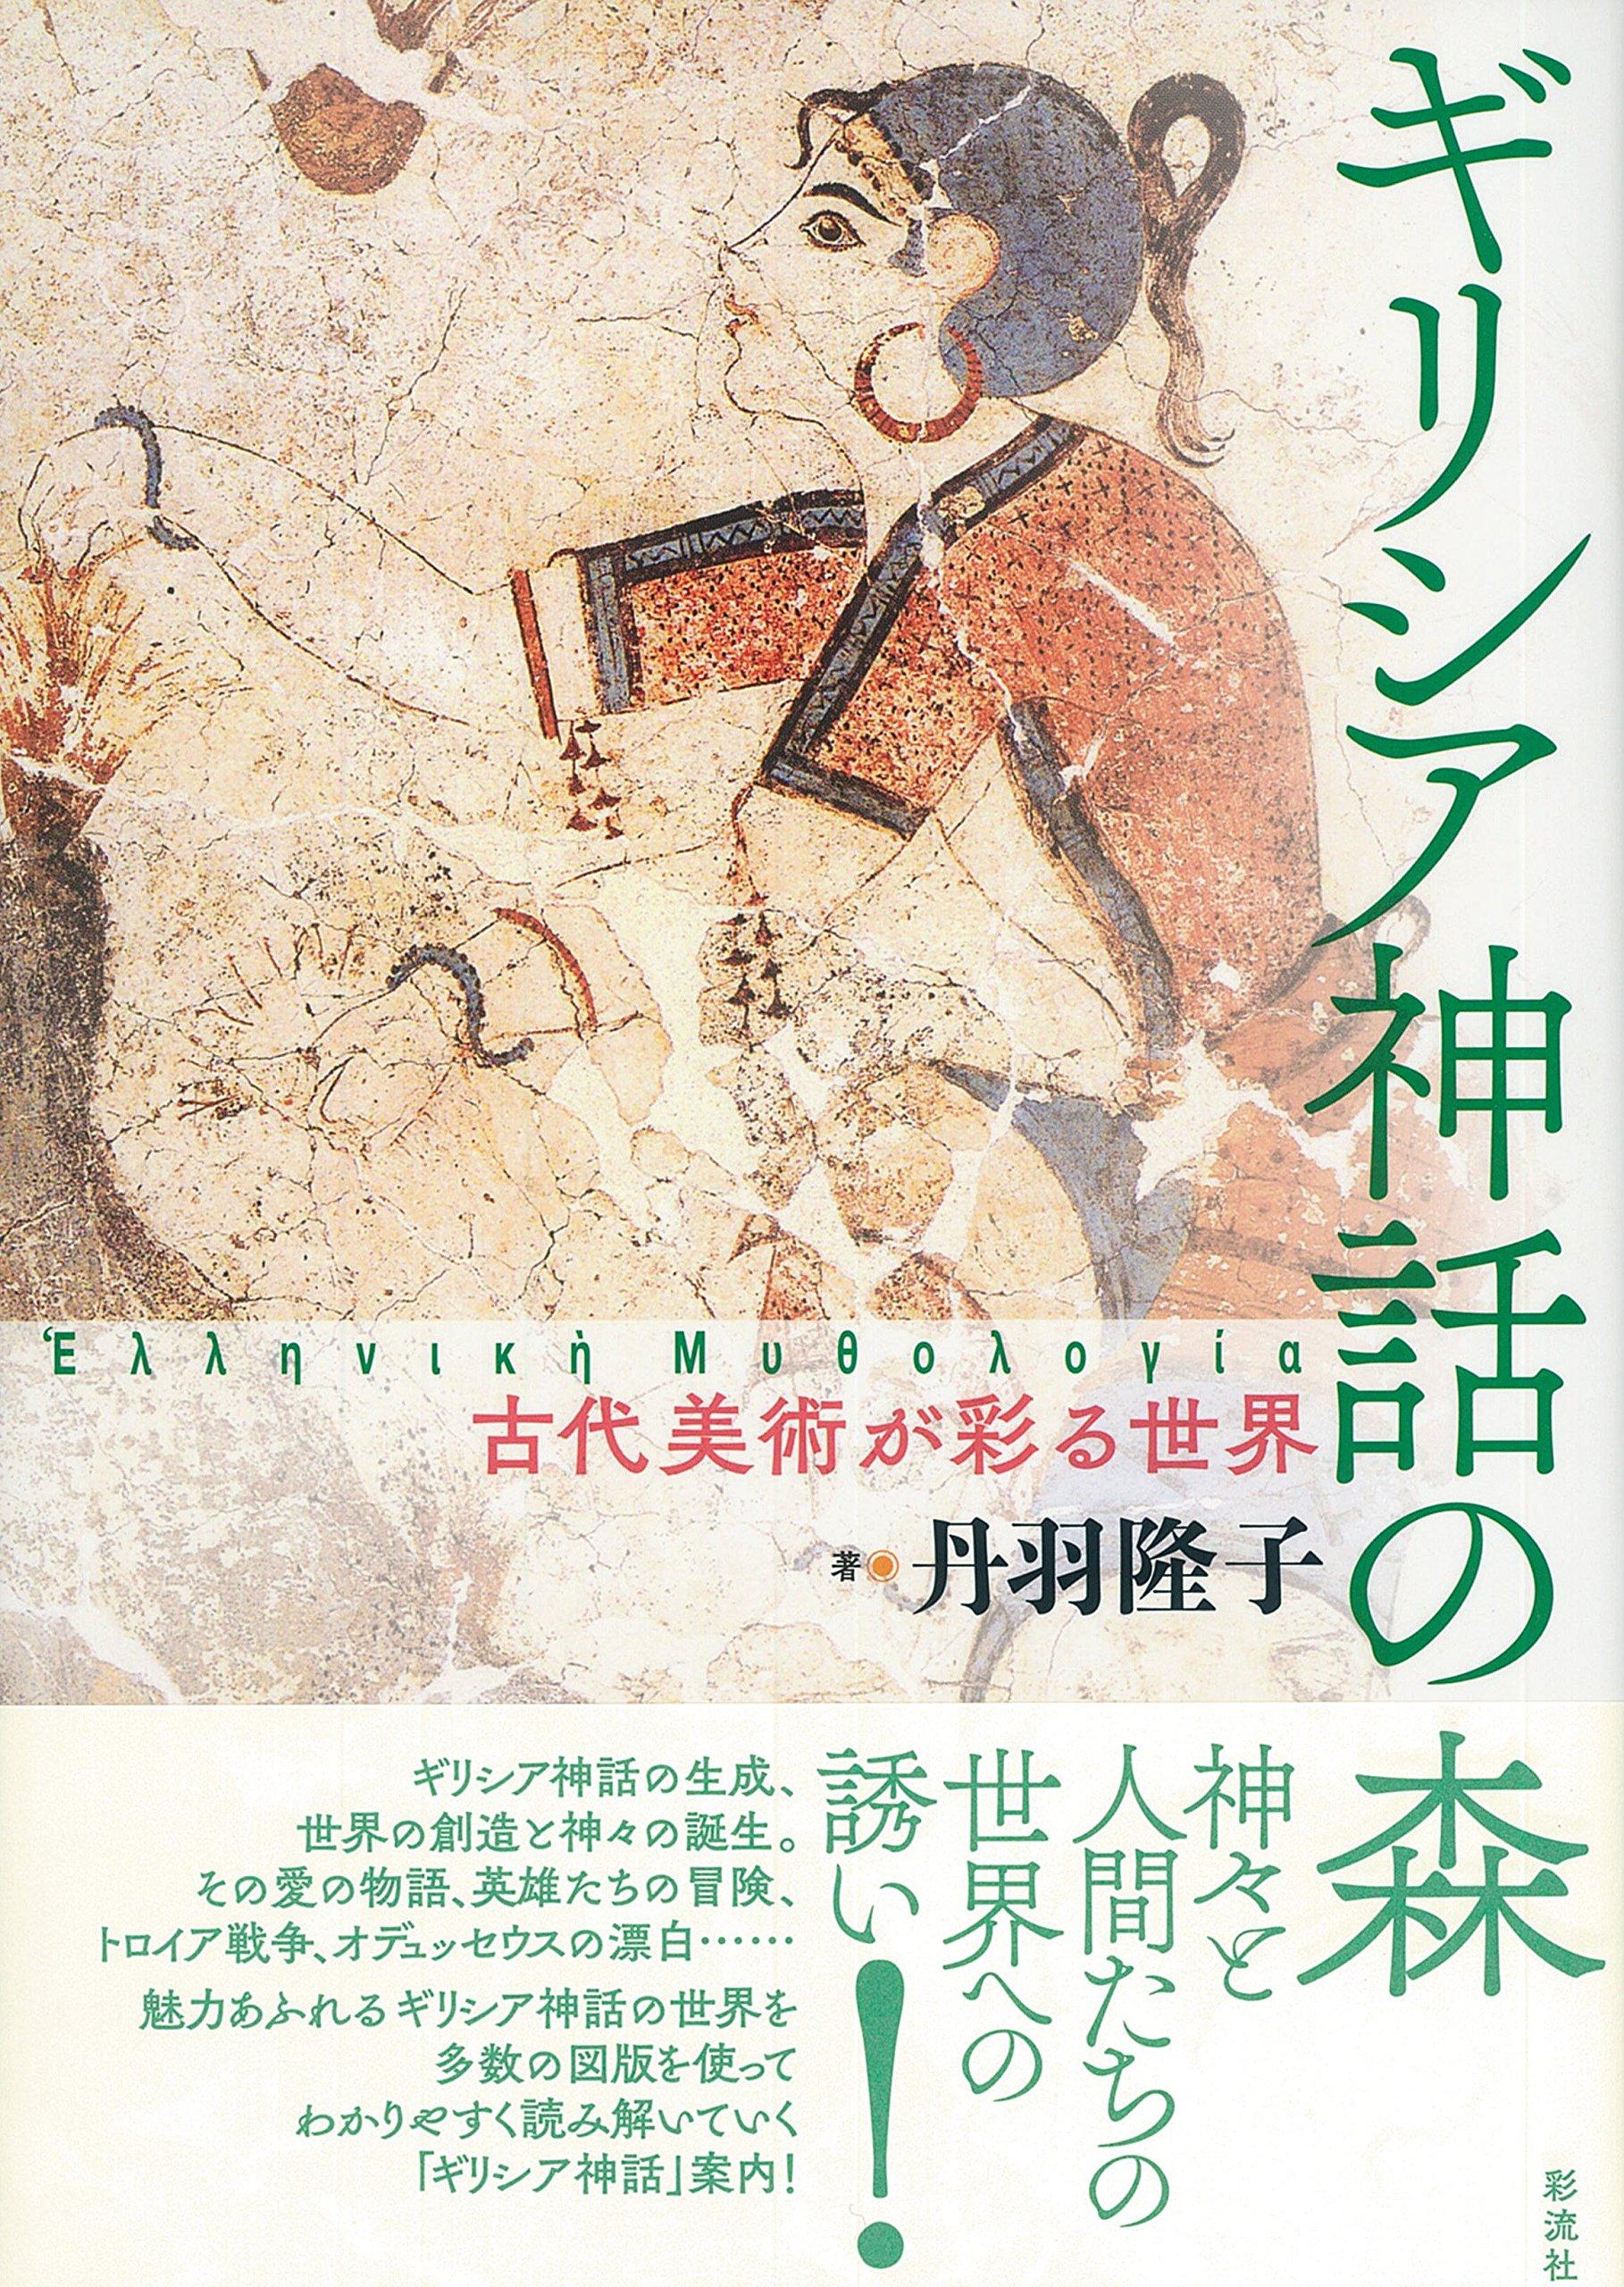 ギリシア神話の森: 古代美術が彩る世界 | 隆子, 丹羽 |本 | 通販 | Amazon